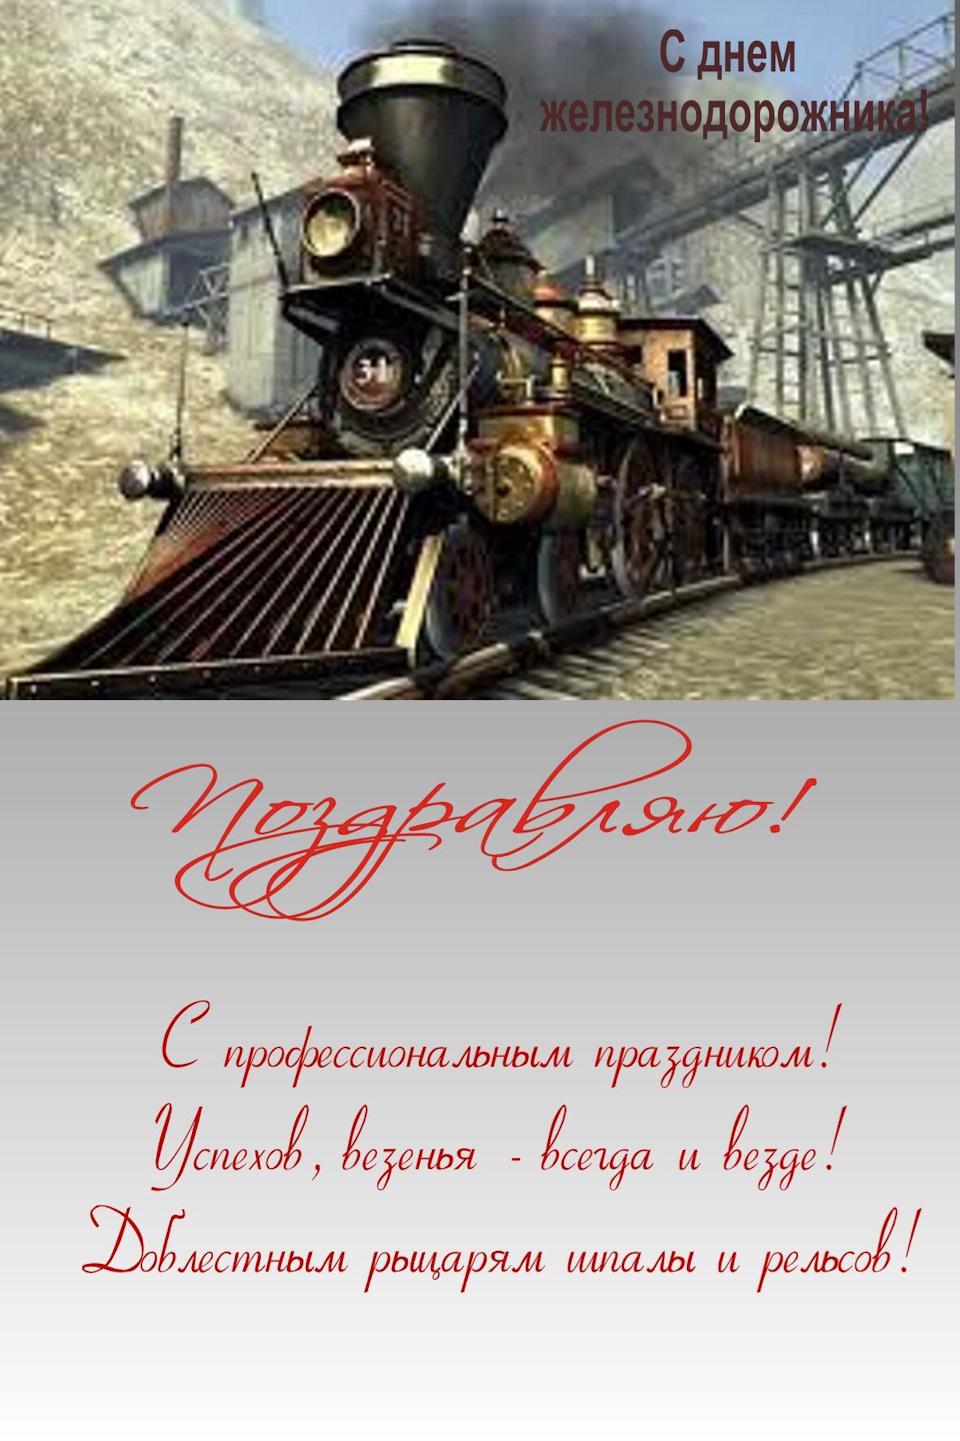 Открытки вагона с днем железнодорожника, днем